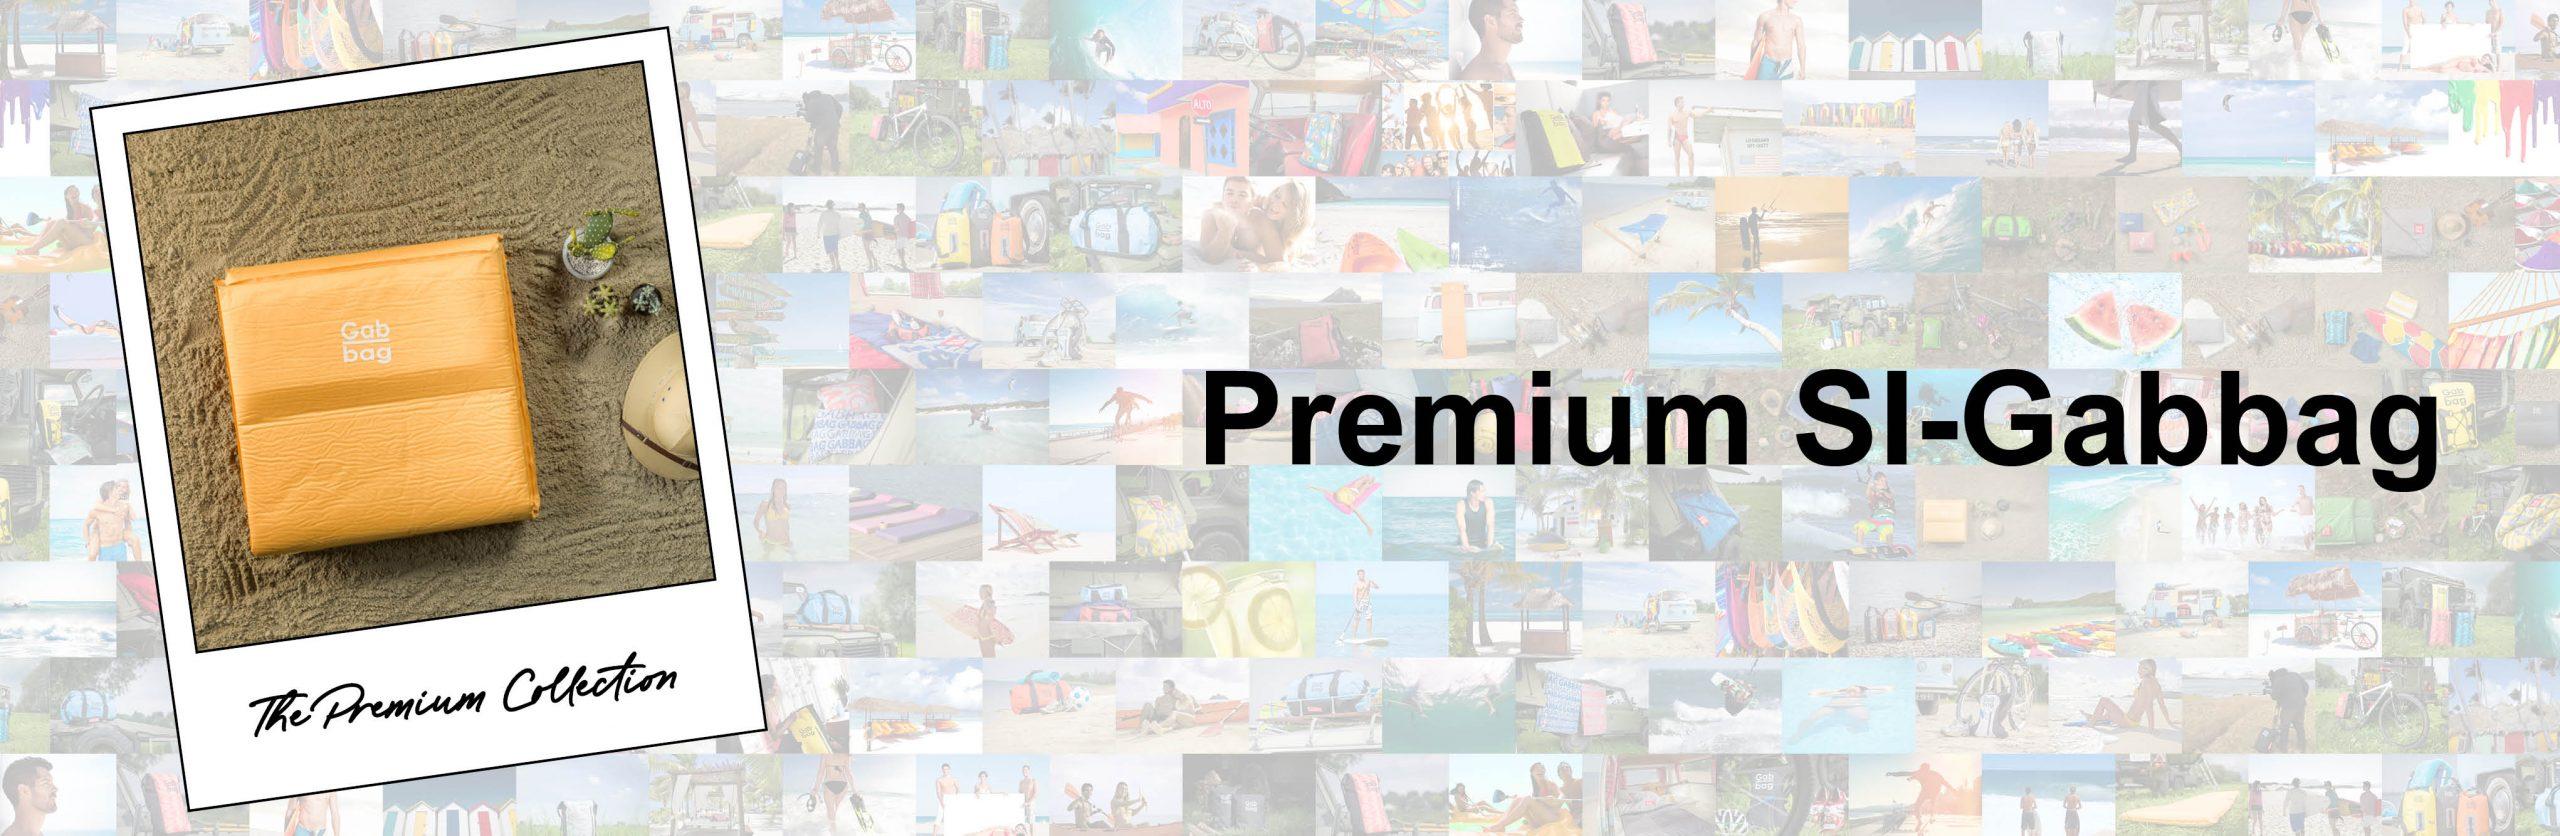 Premium SI Gabbag